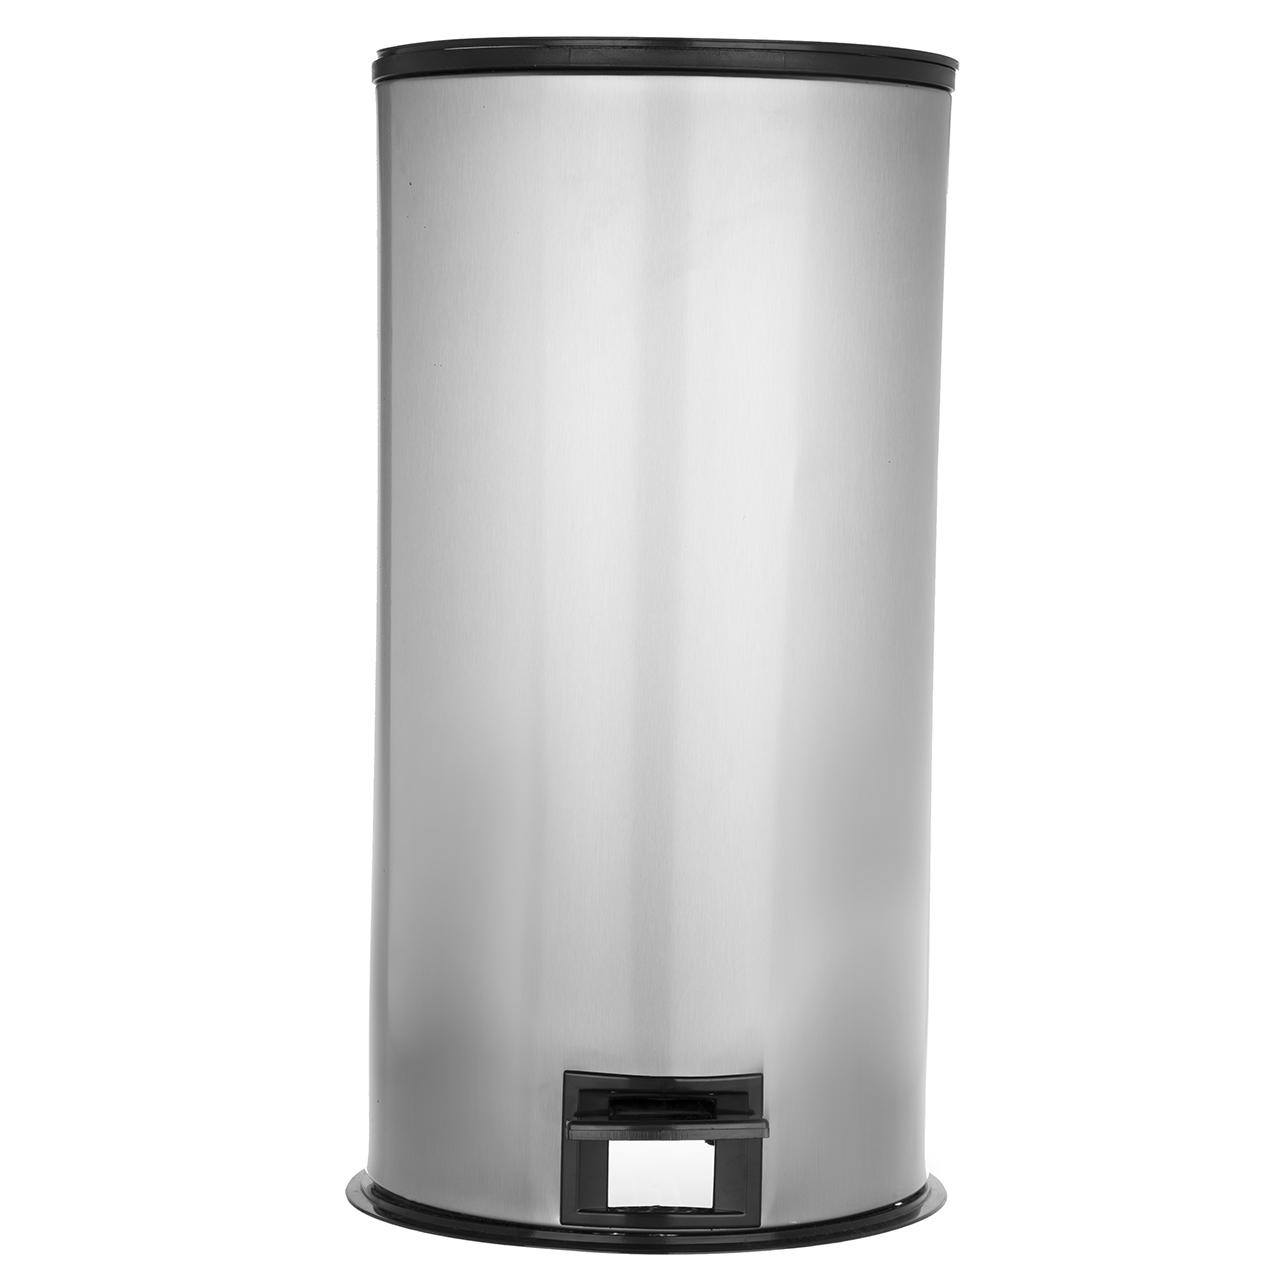 سطل زباله آکا الکتریک مدل AK1-2599 گنجایش 25 لیتر